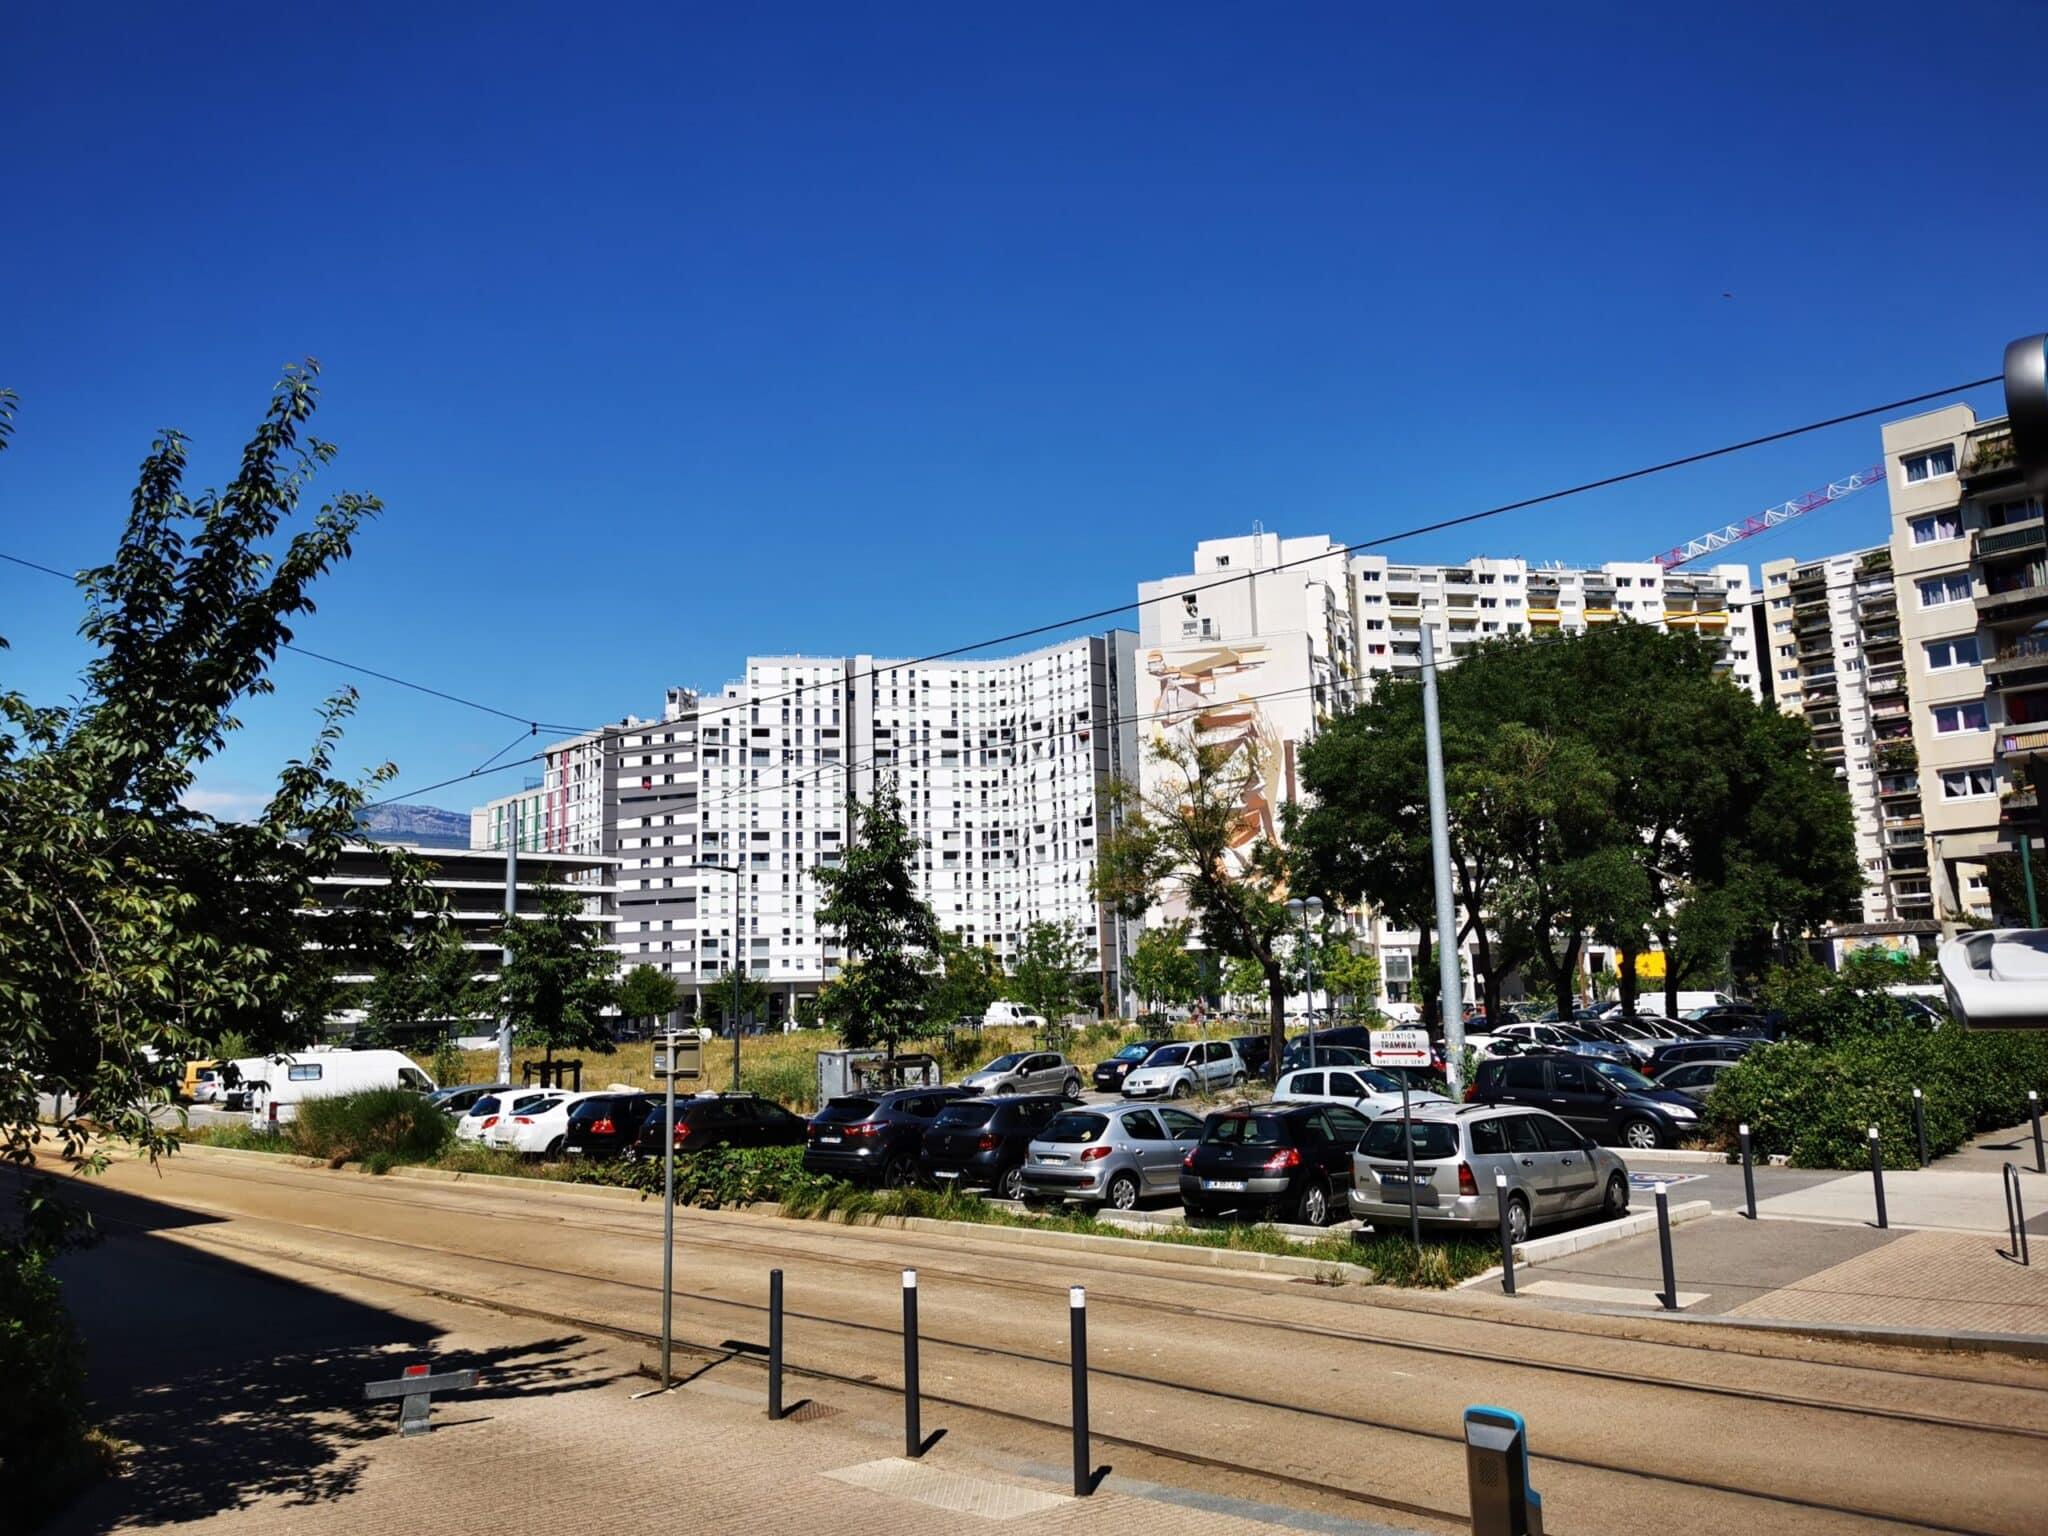 Quartier de l'Arlequin à Grenoble. © Joël Kermabon - Place Gre'net